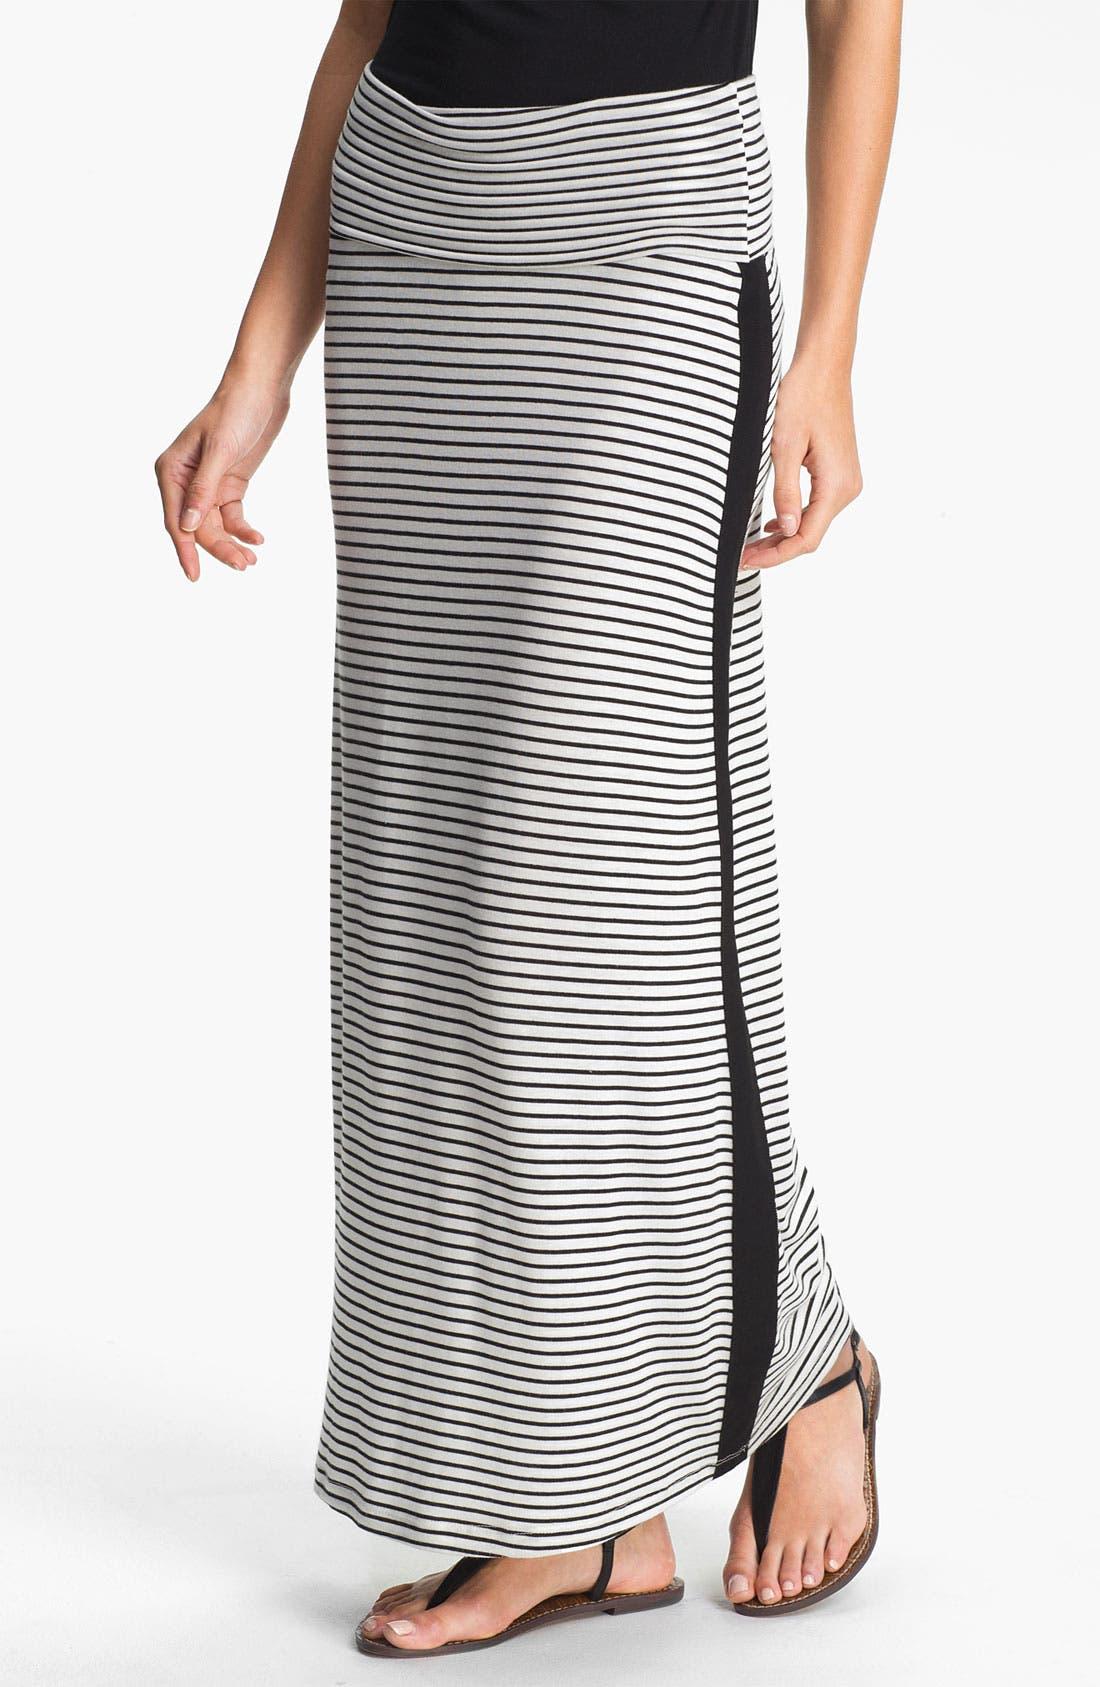 Alternate Image 1 Selected - Everleigh Tuxedo Stripe Maxi Skirt